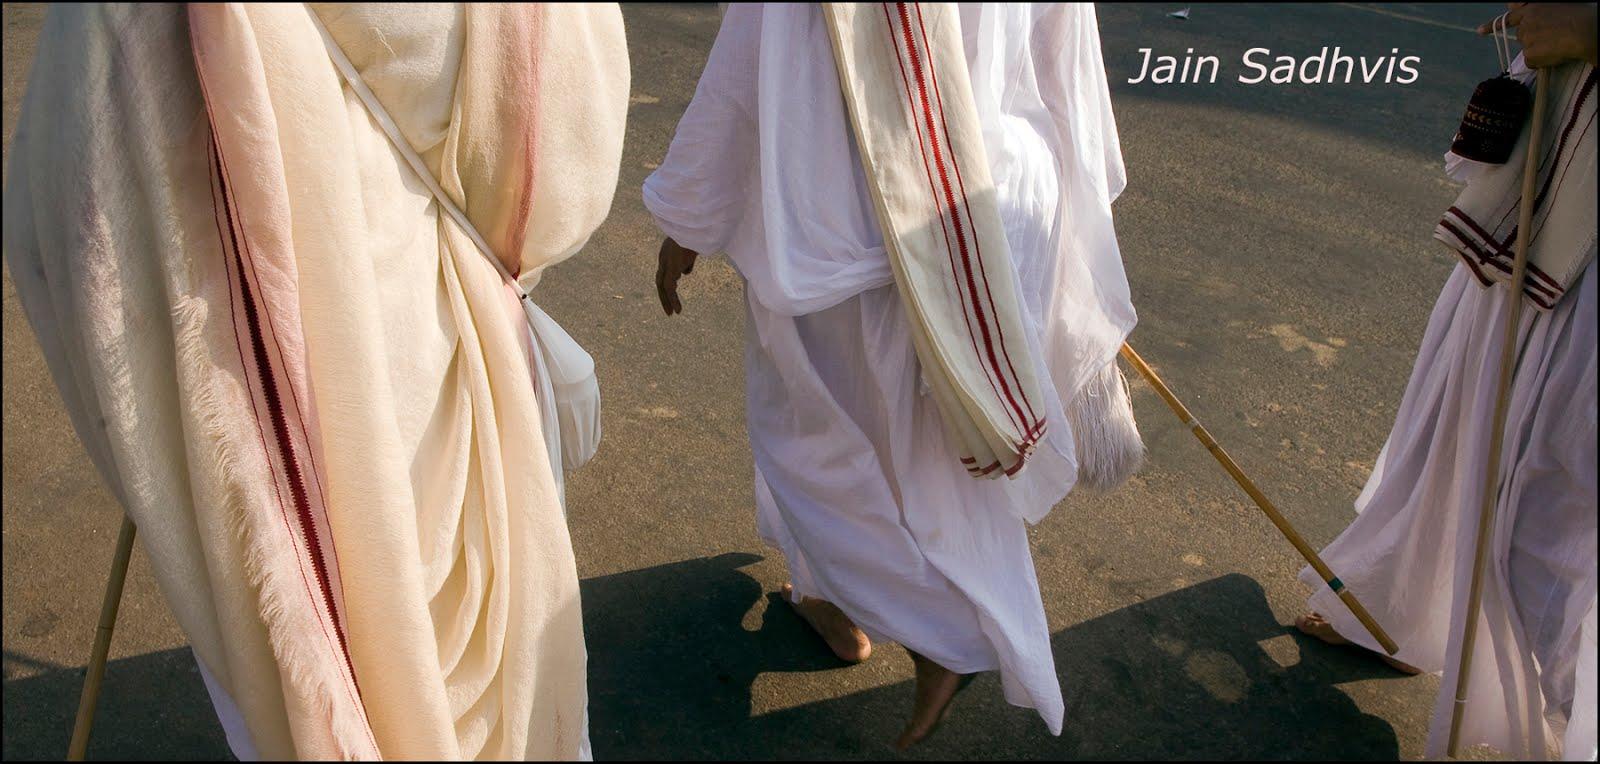 Jain Sadhvis